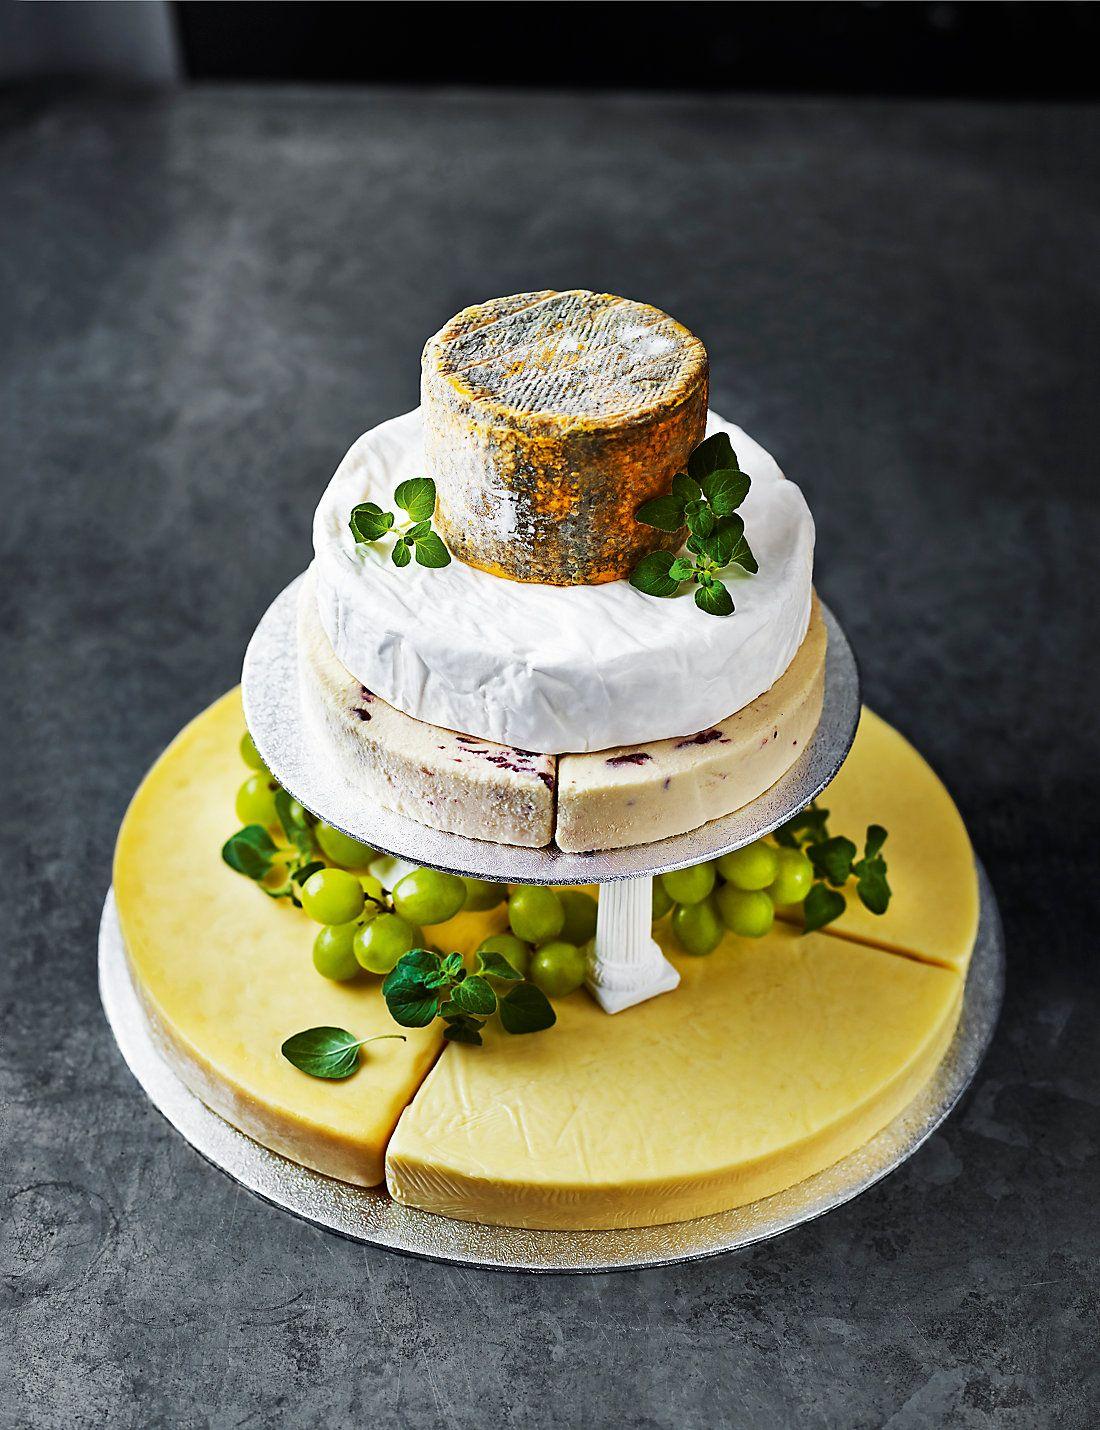 cheese wedding cake m&s